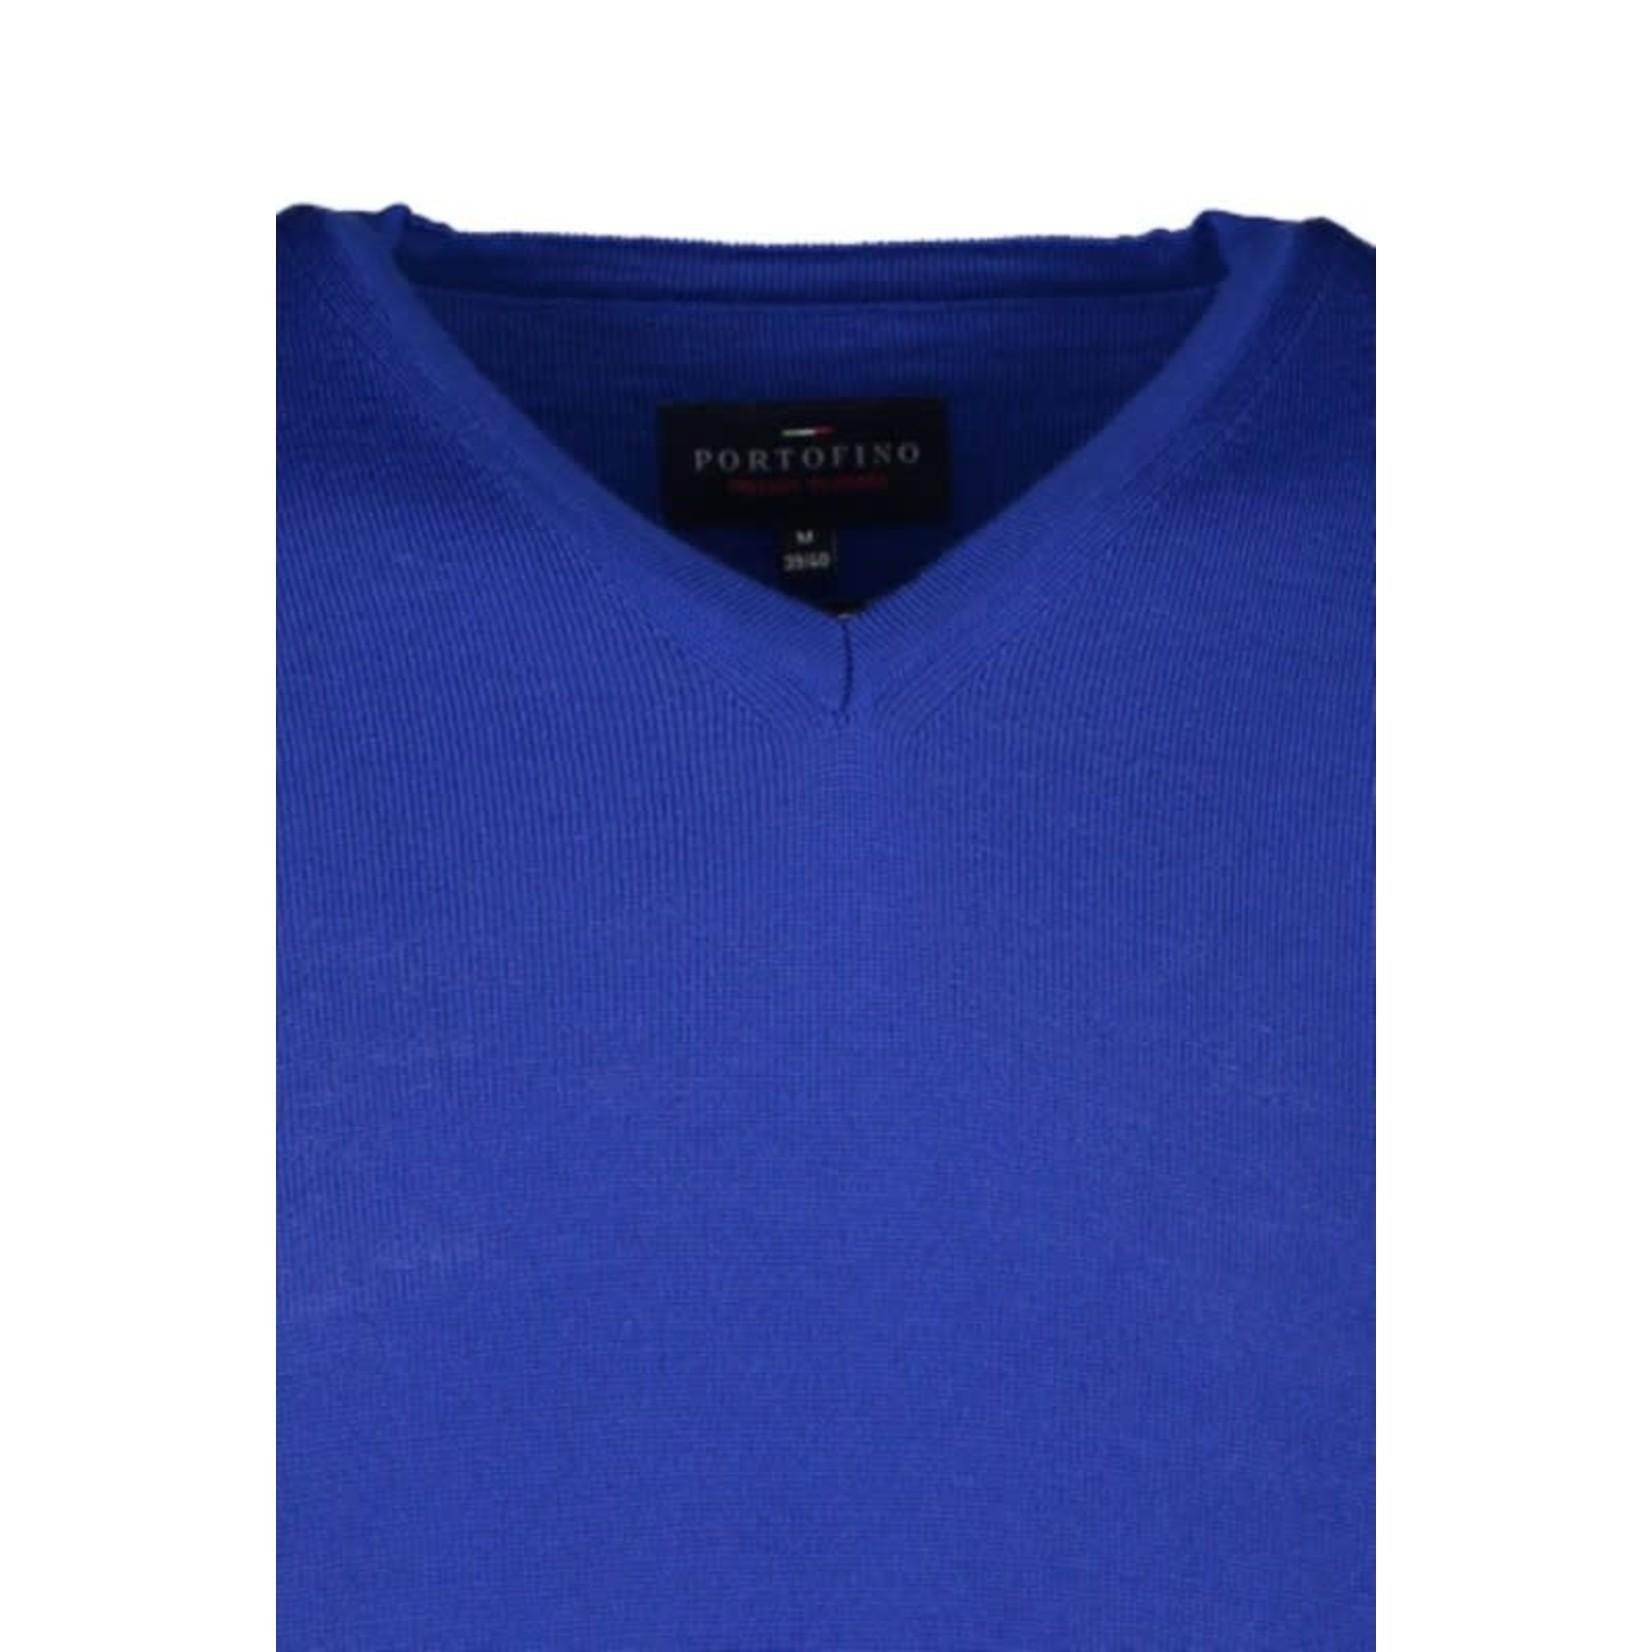 Portofino pullover merino v-hals kobalt